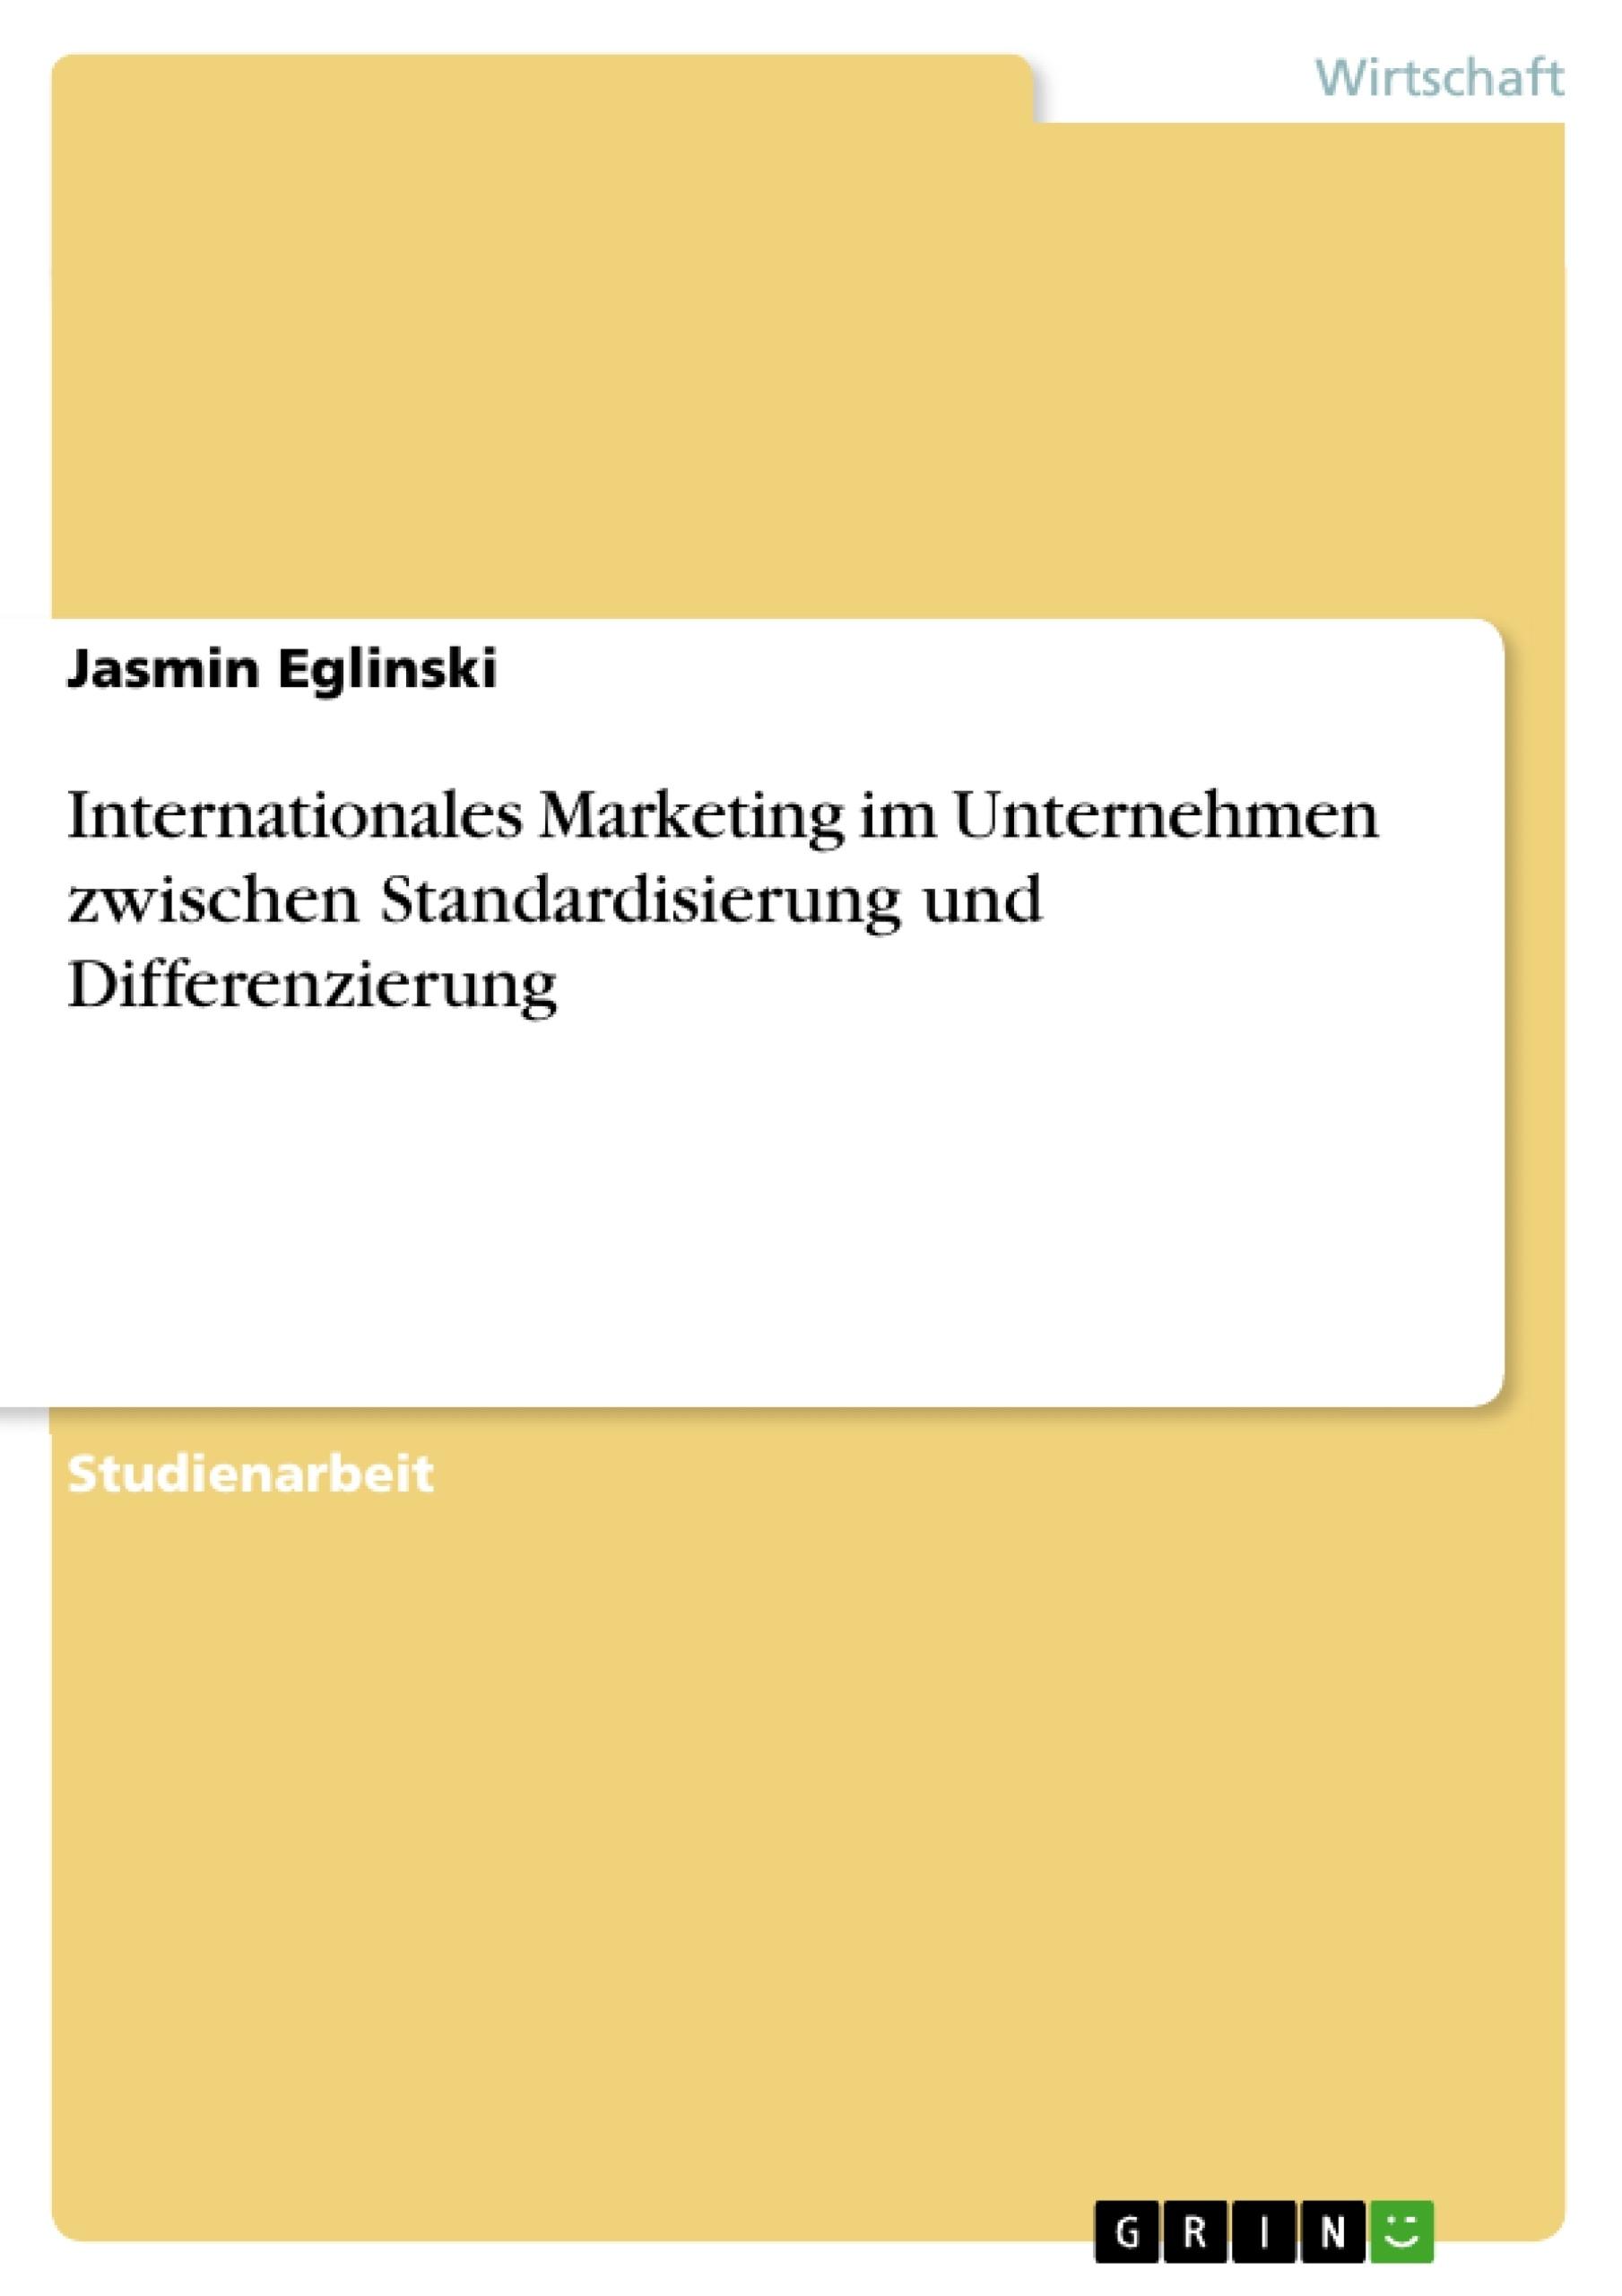 Titel: Internationales Marketing im Unternehmen zwischen Standardisierung und Differenzierung